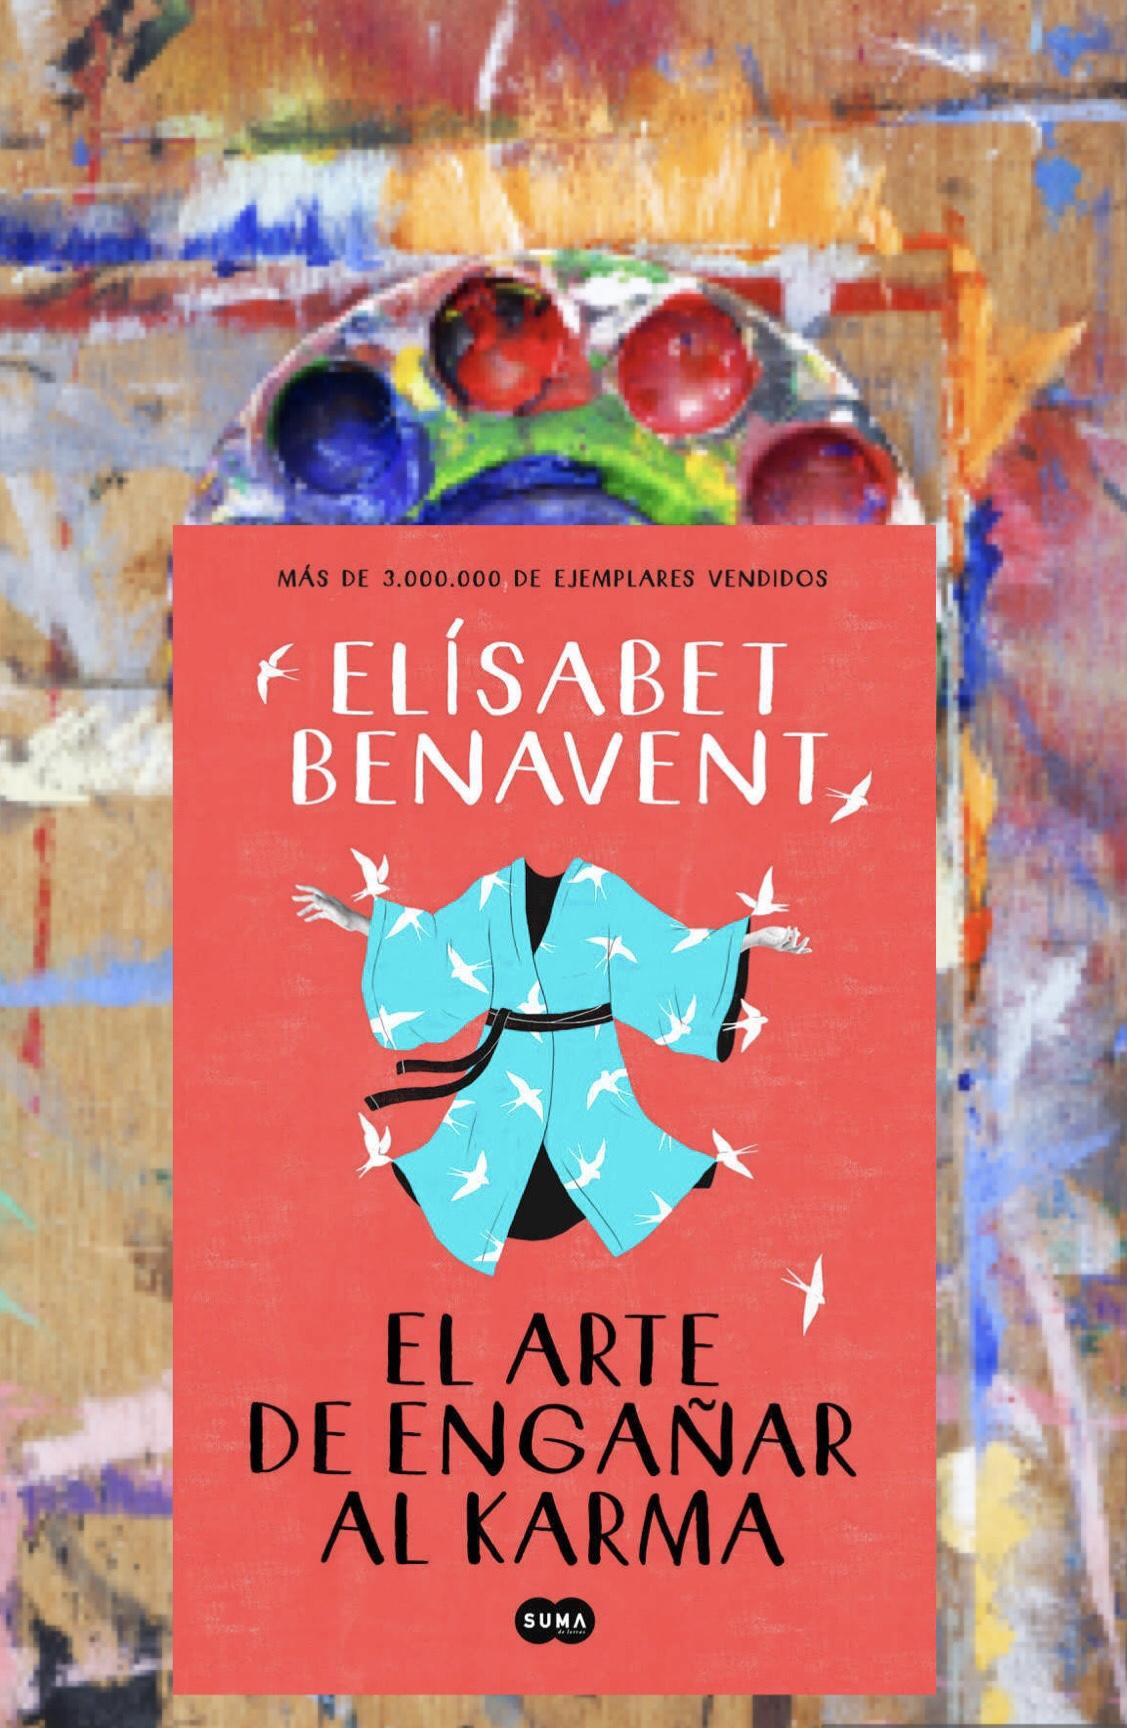 EL ARTE DE ENGAÑAR AL KARMA, de Elisabet Benavent.